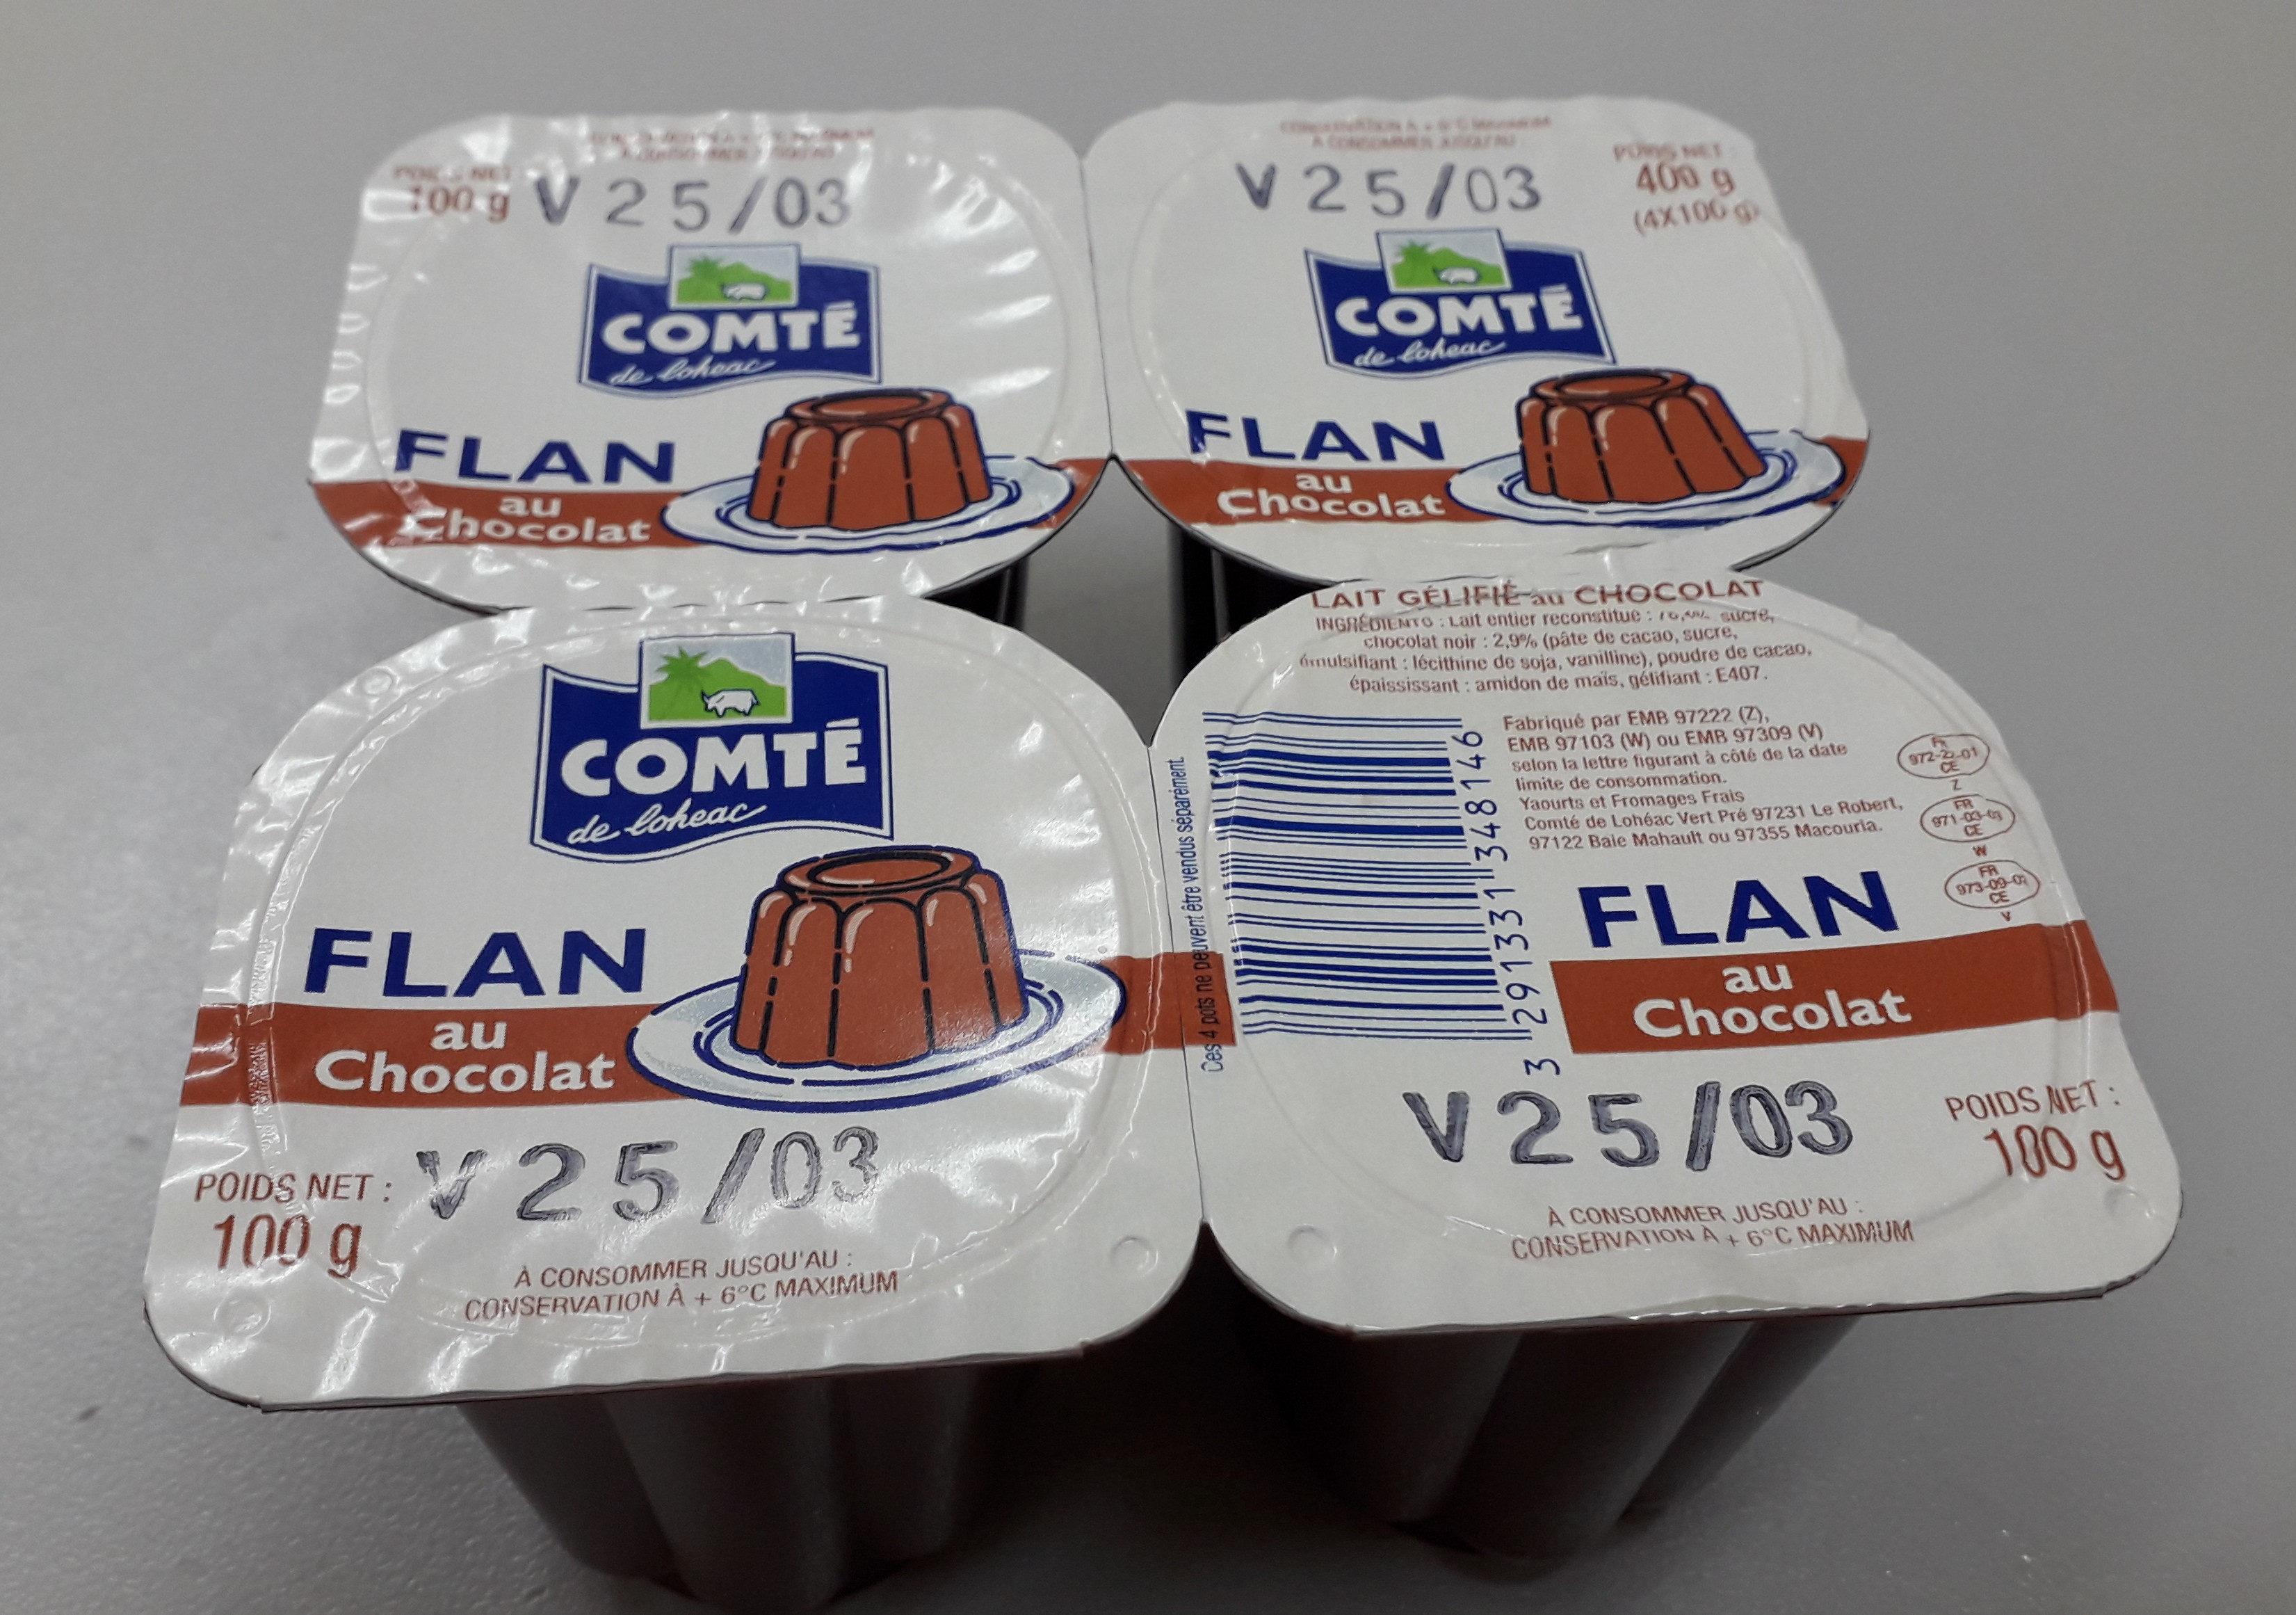 comté flan chocolat - Prodotto - fr